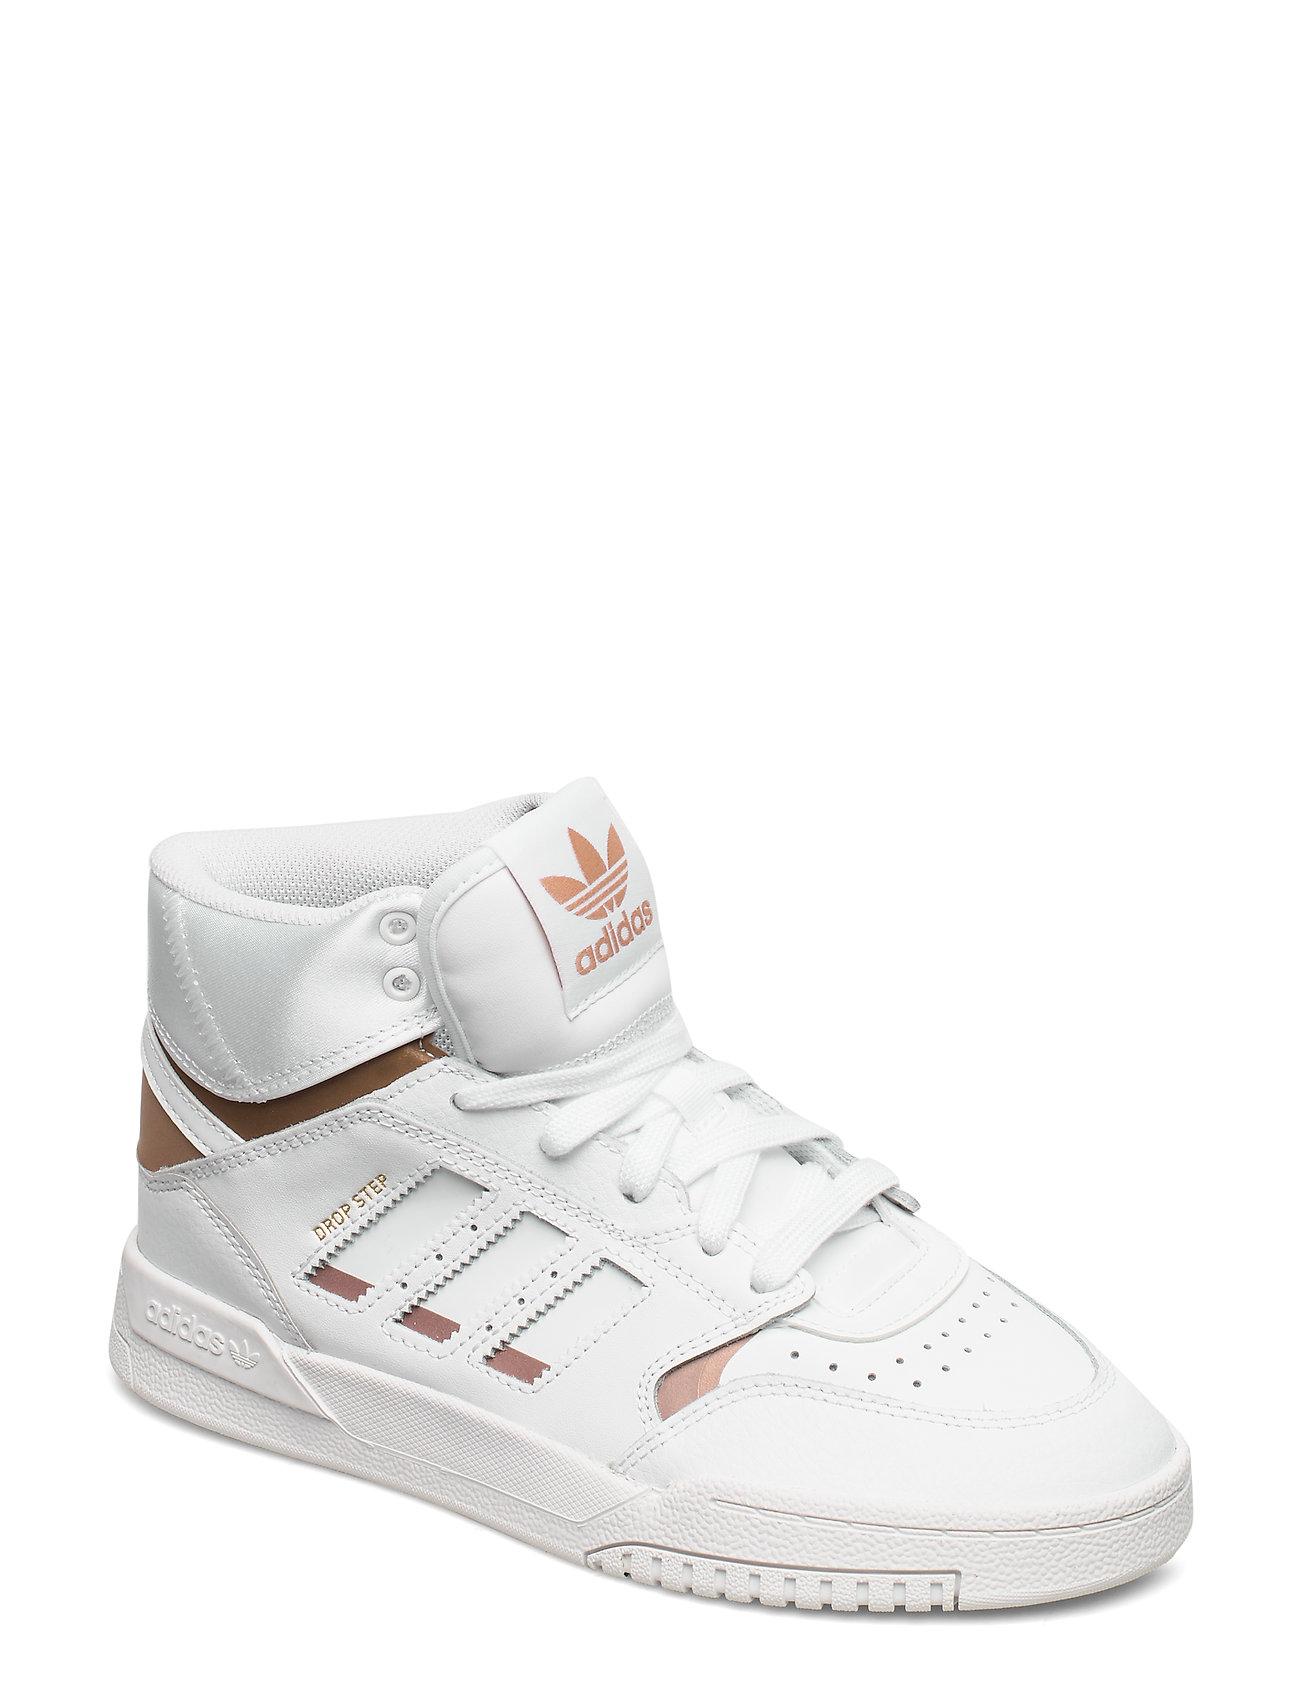 adidas Originals DROP STEP J - FTWWHT/COPPMT/FTWWHT